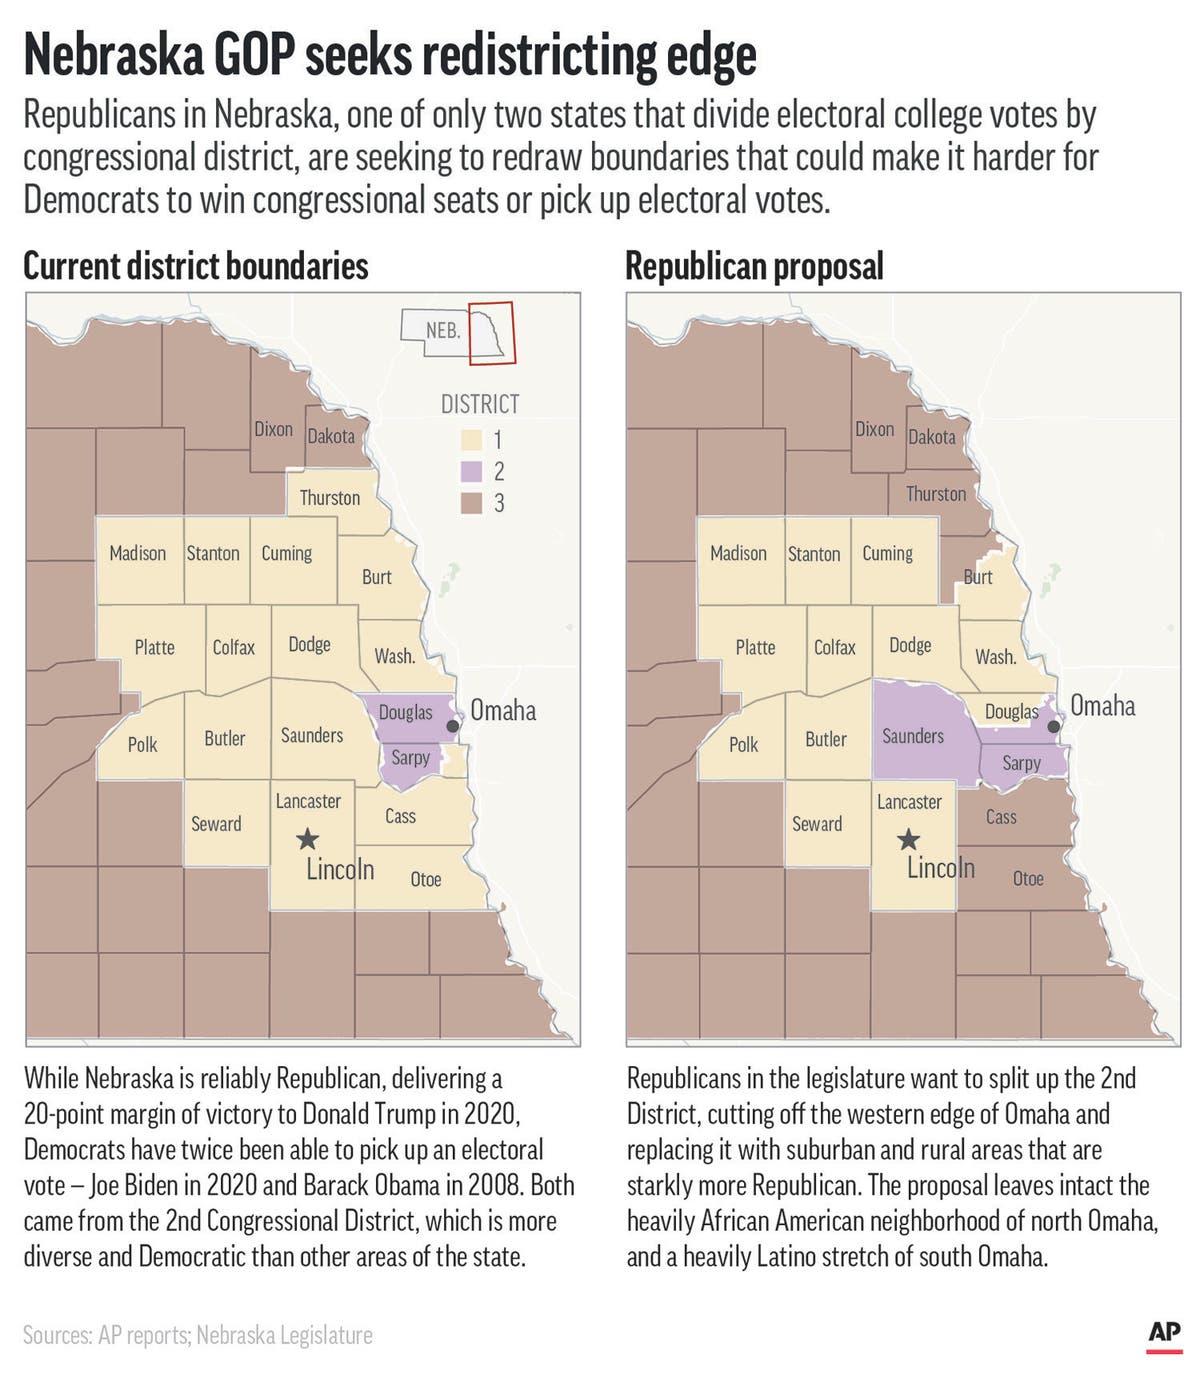 一进 538: 地图引发内布拉斯加州选举投票的斗争